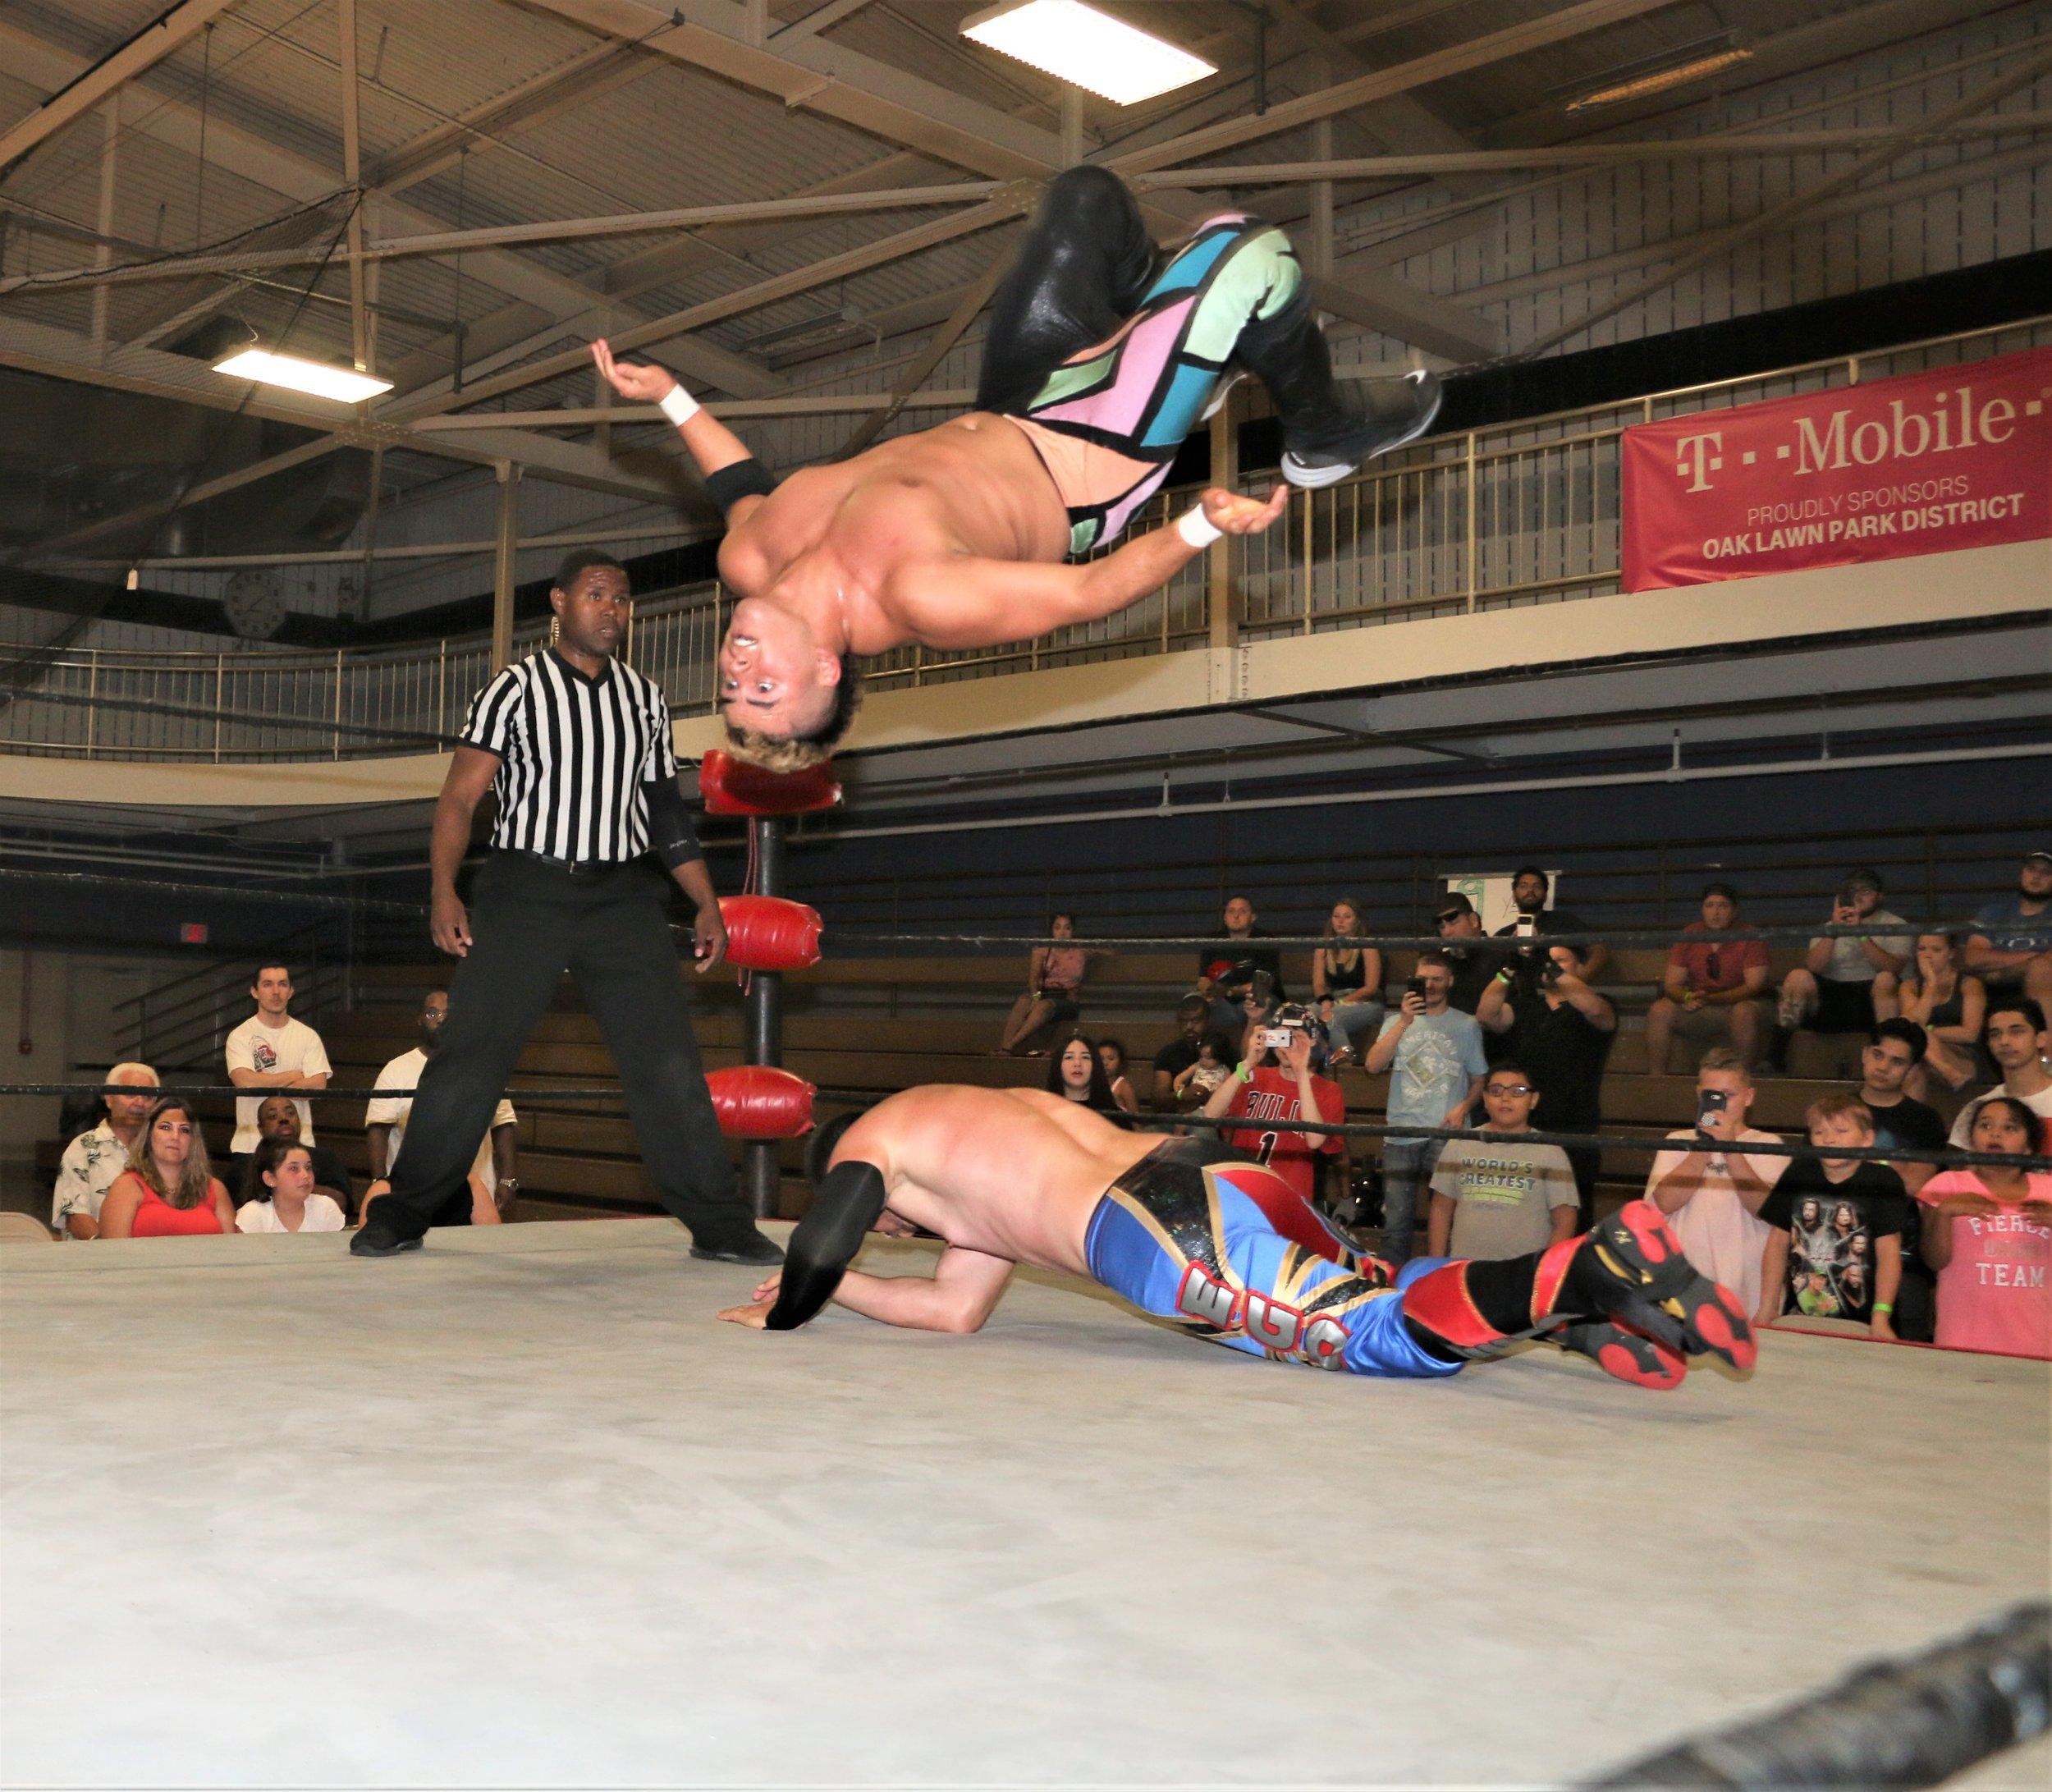 Joe Alonzo flips through the air.